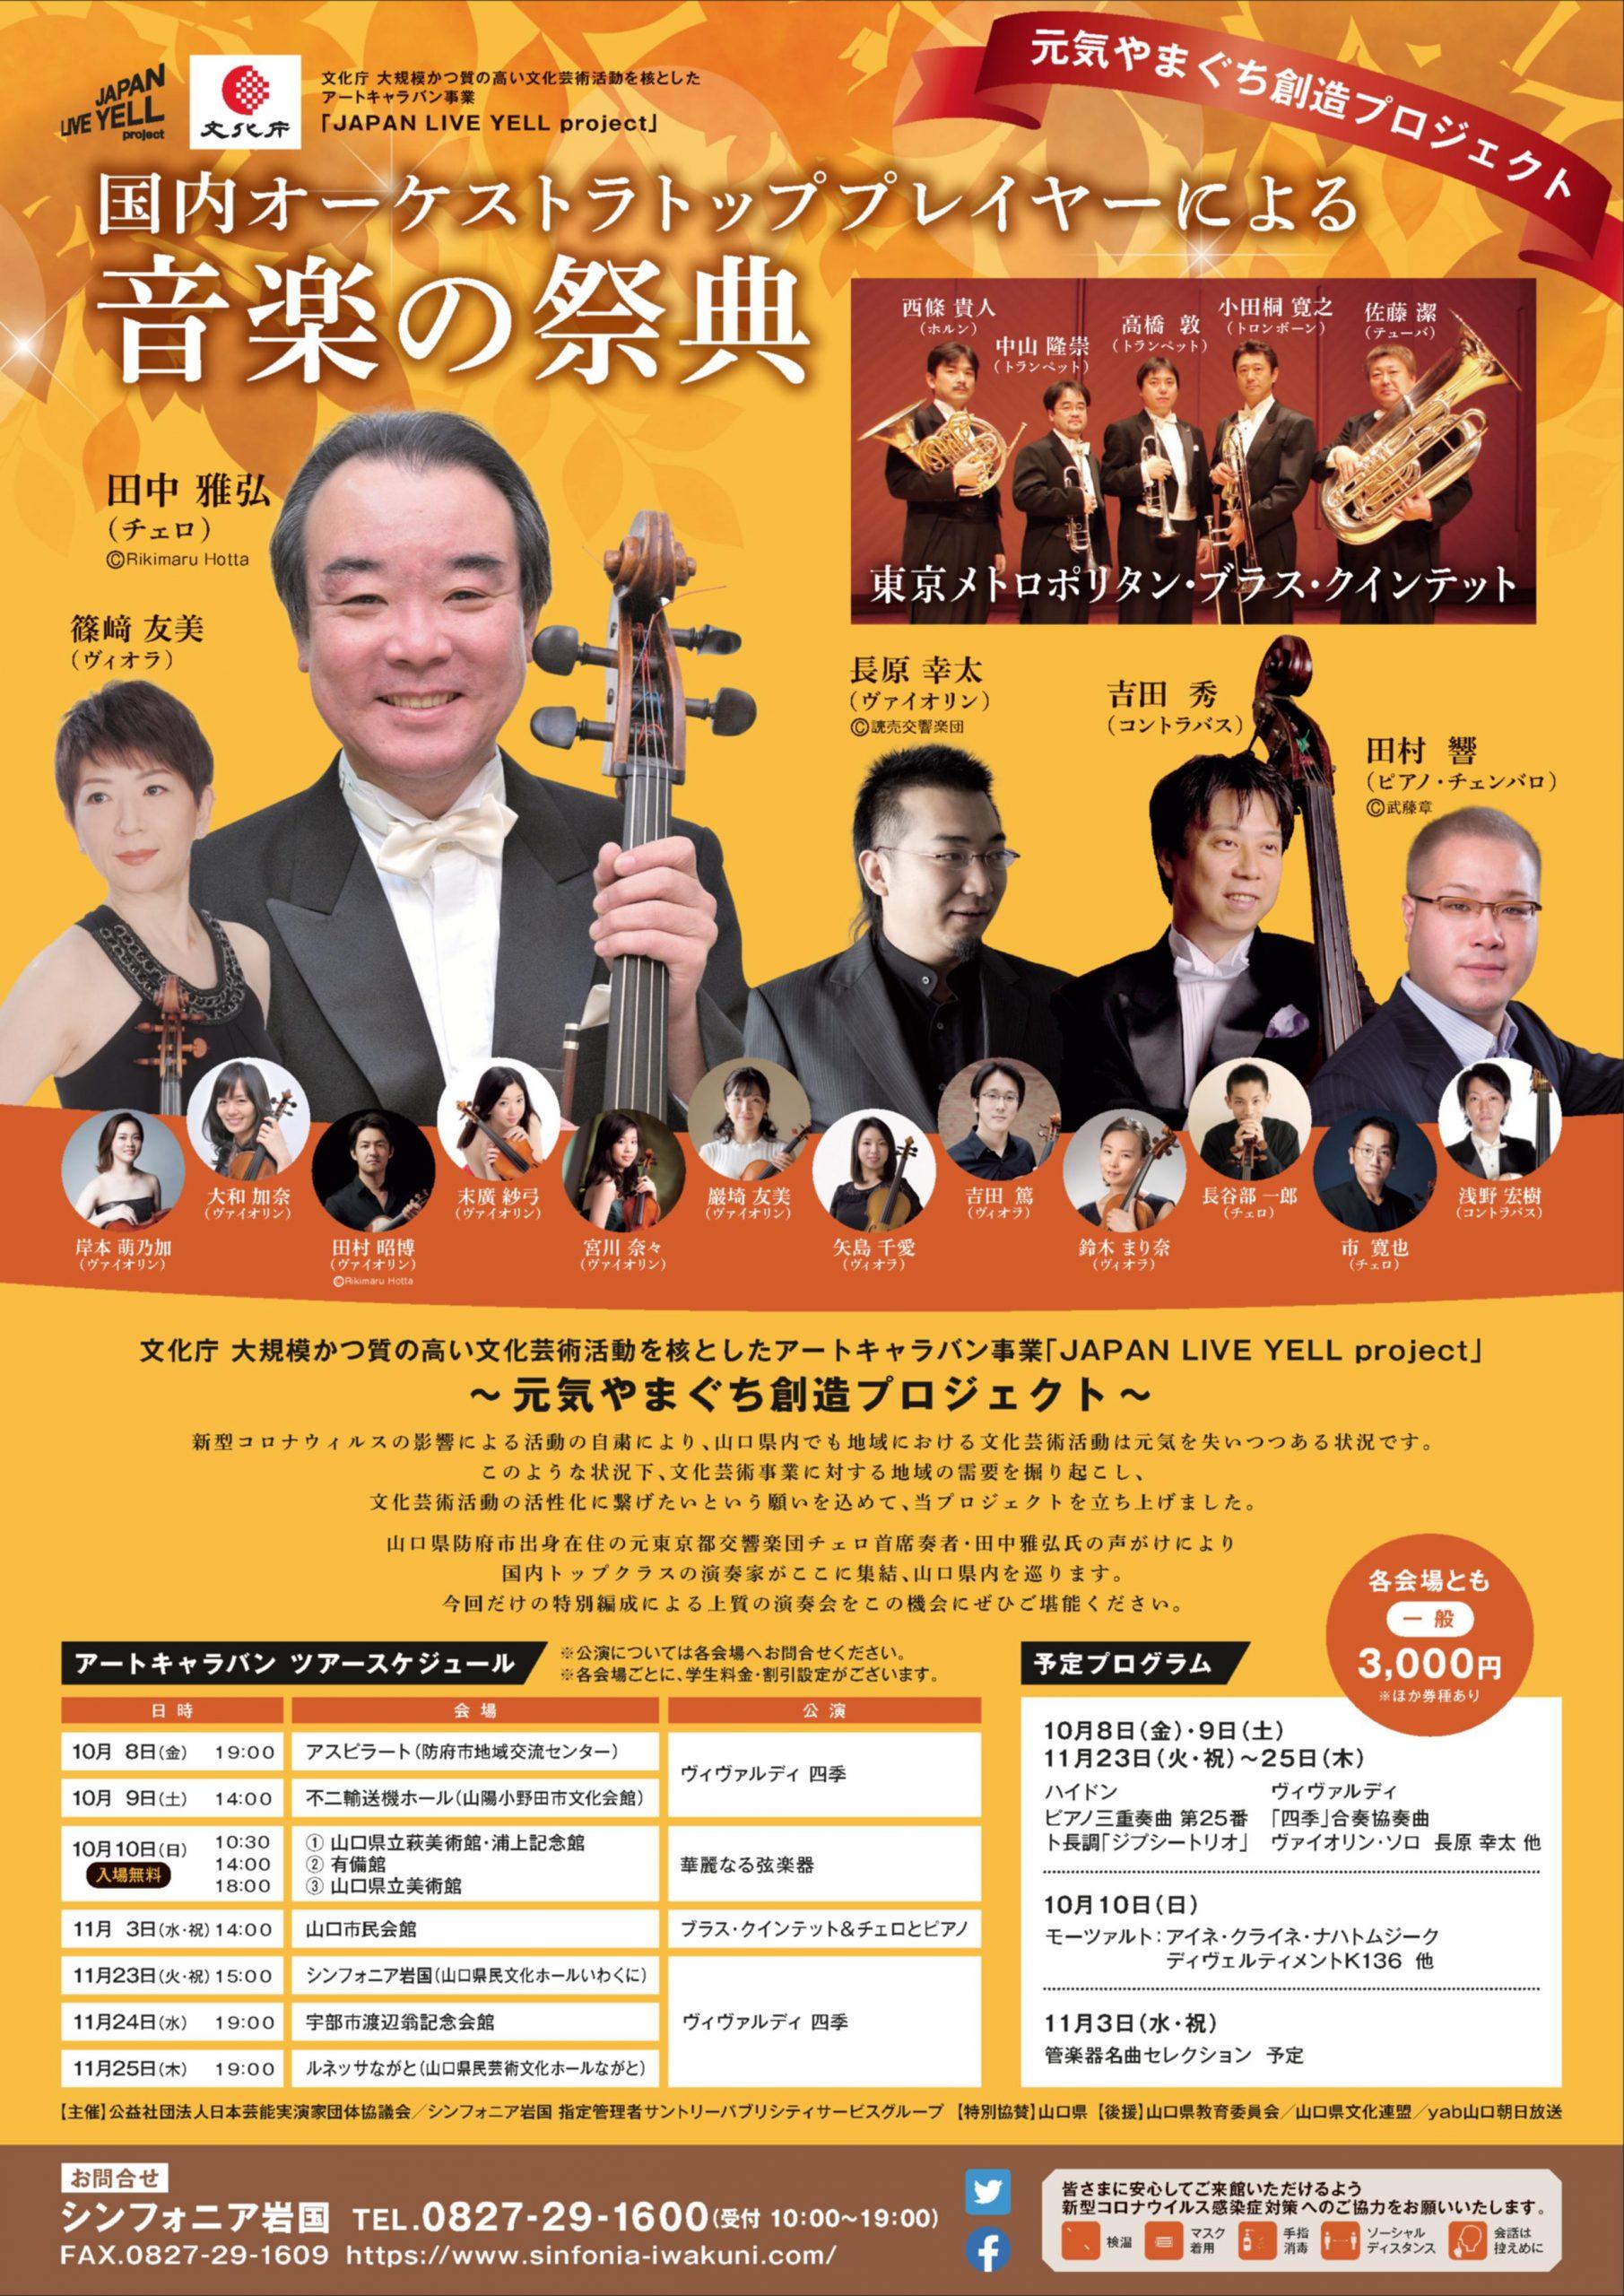 画像:元気やまぐち創造プロジェクト<br>国内オーケストラトッププレイヤーによる<br>音楽の祭典